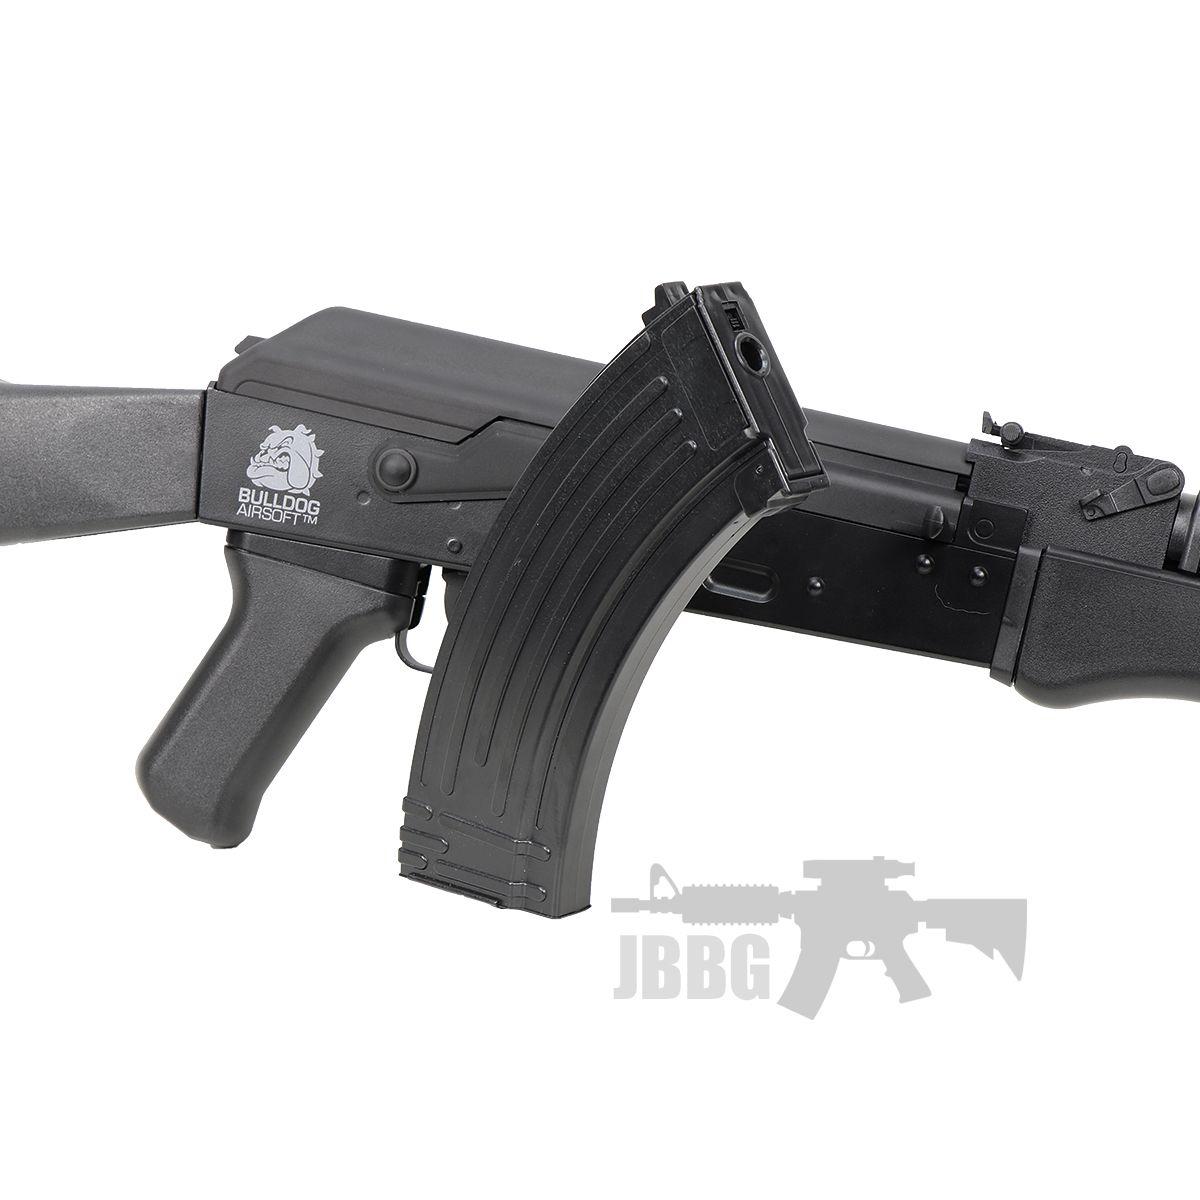 bulldog ak47 airsoft gun at just bb guns 7